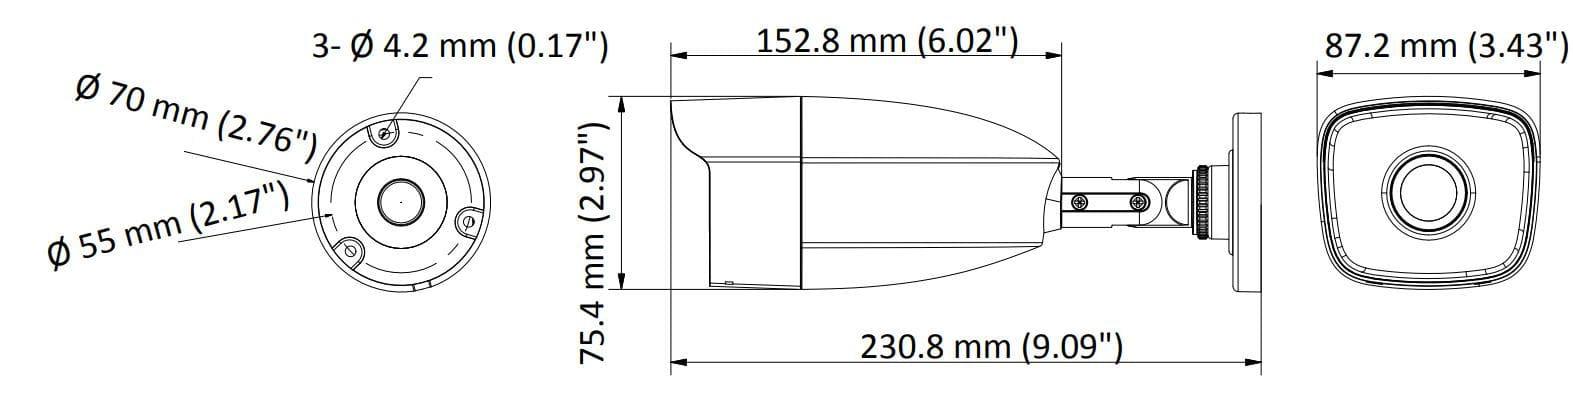 tube-2mp-hdtvi-fixe-schema